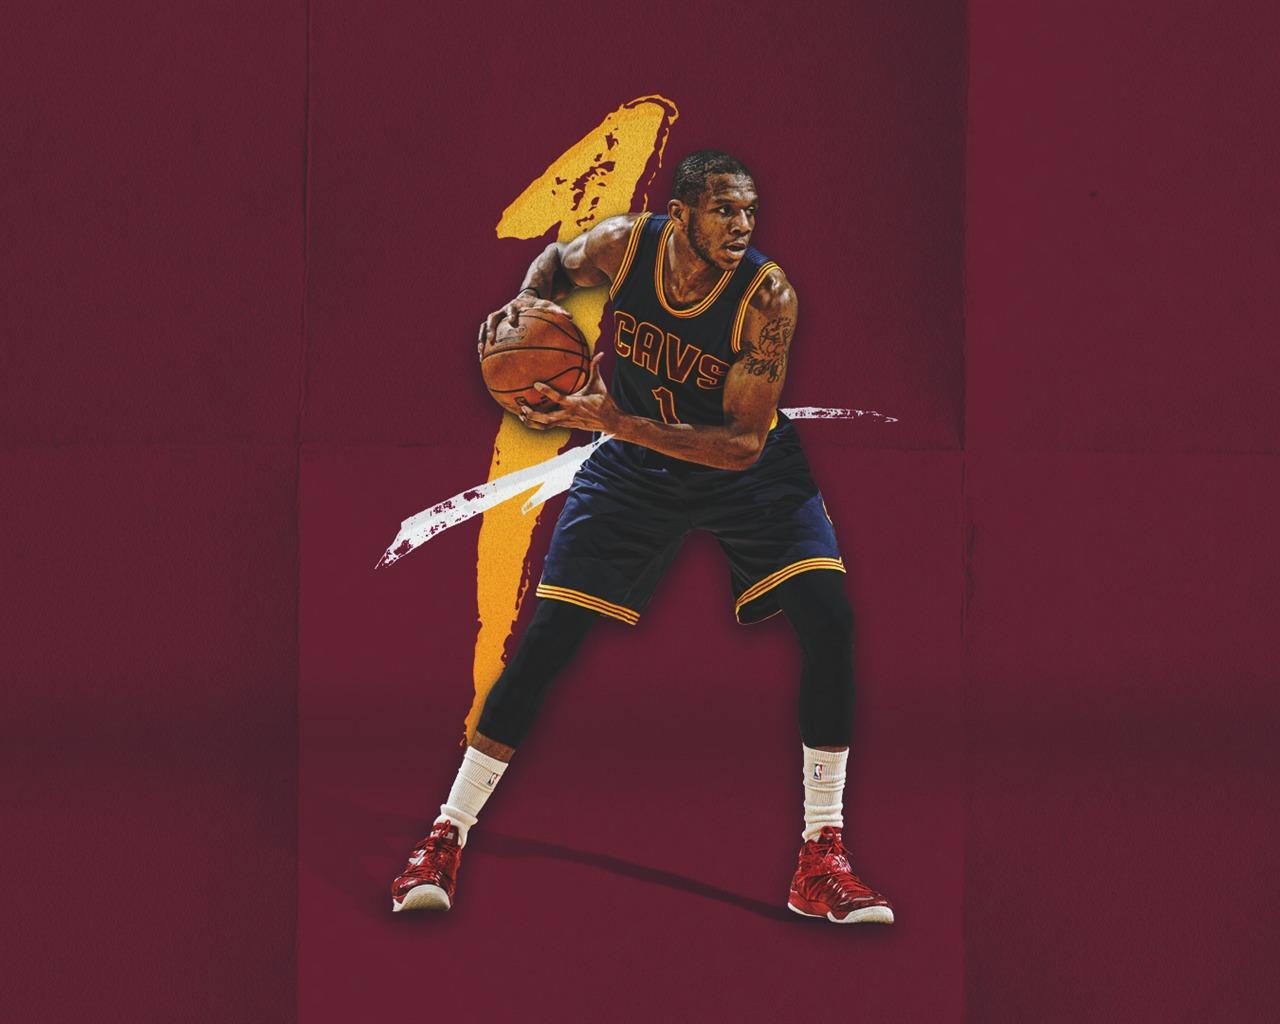 摩托车锦标赛2013_詹姆斯·琼斯 NBA 2017年克利夫兰骑士壁纸预览 | 10wallpaper.com